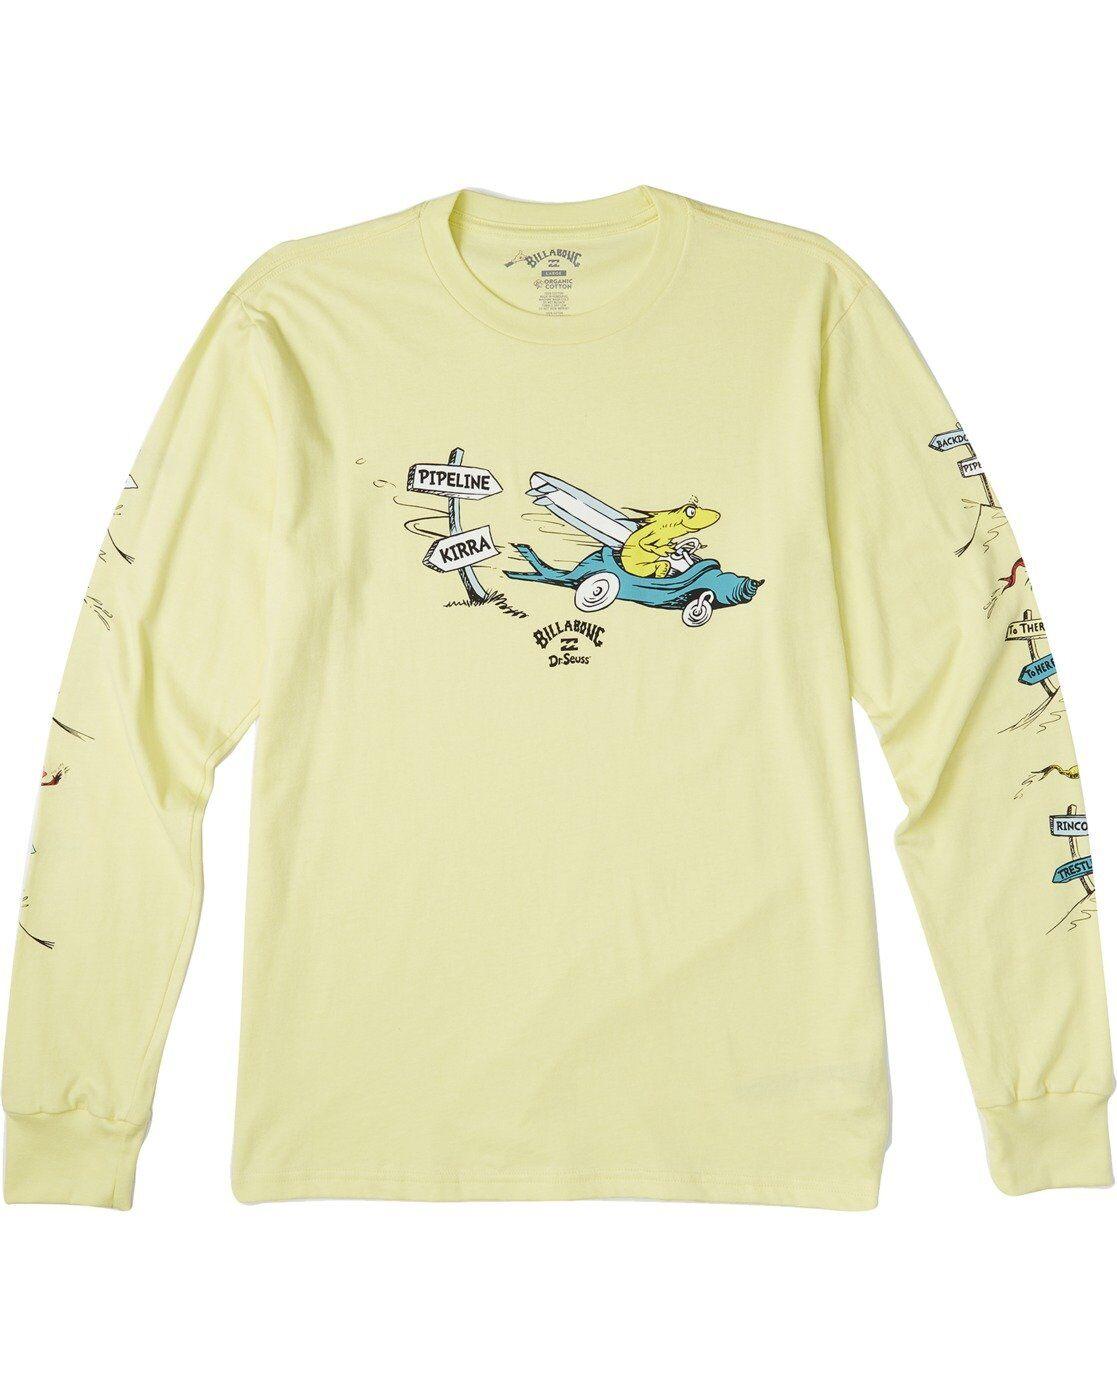 Billabong Boys' (2-7) Little Car Long Sleeve T-Shirt  - Yellow - Size: Medium